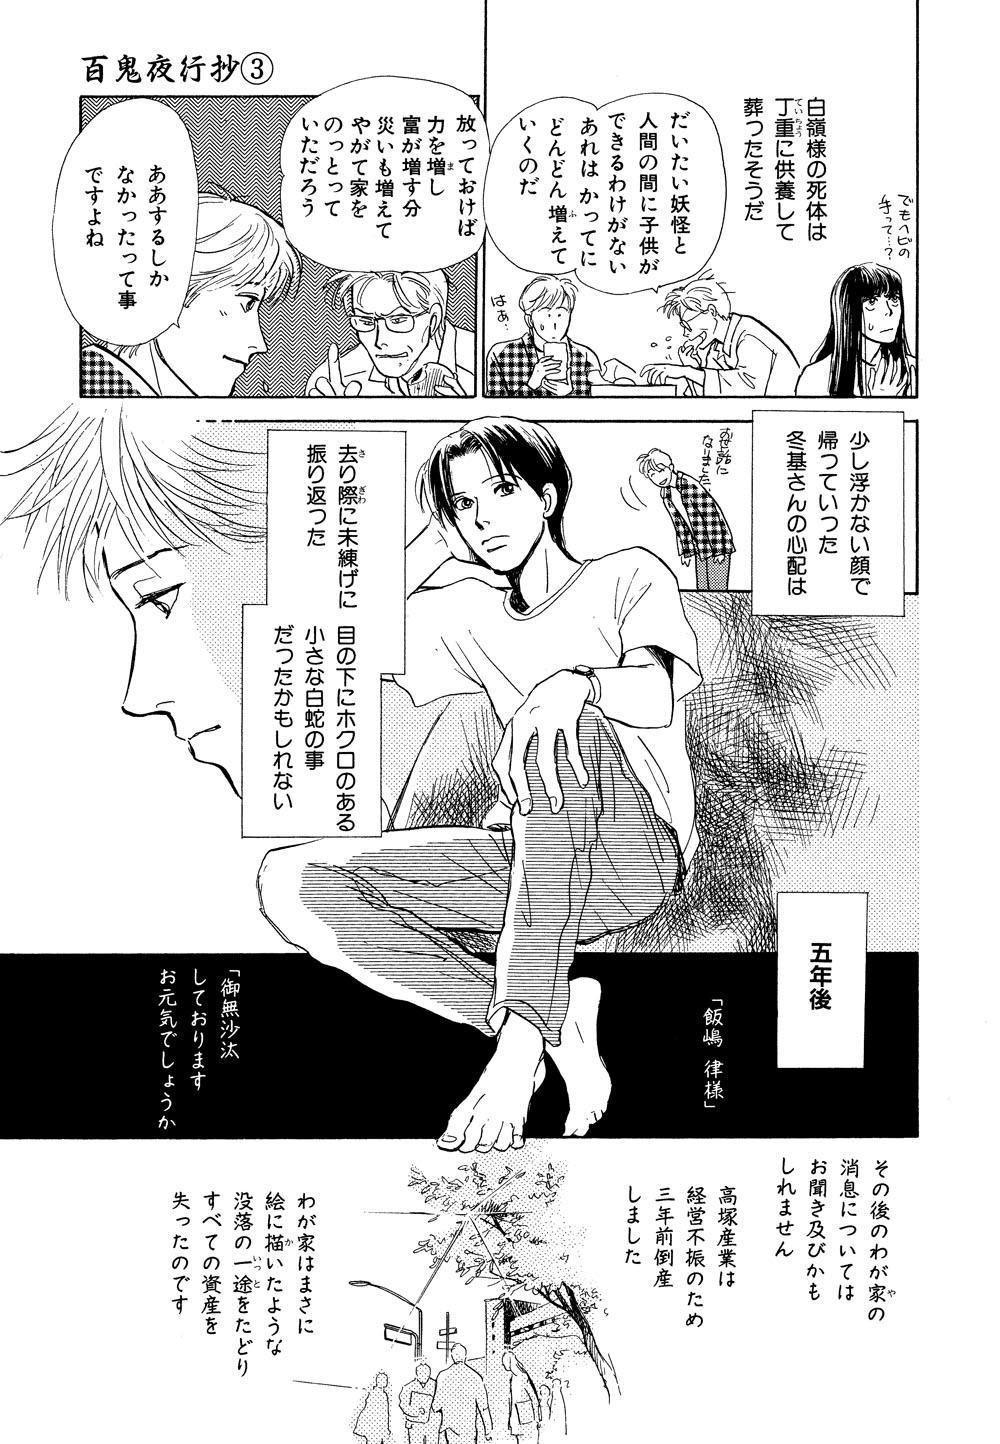 百鬼夜行抄_03_0119.jpg